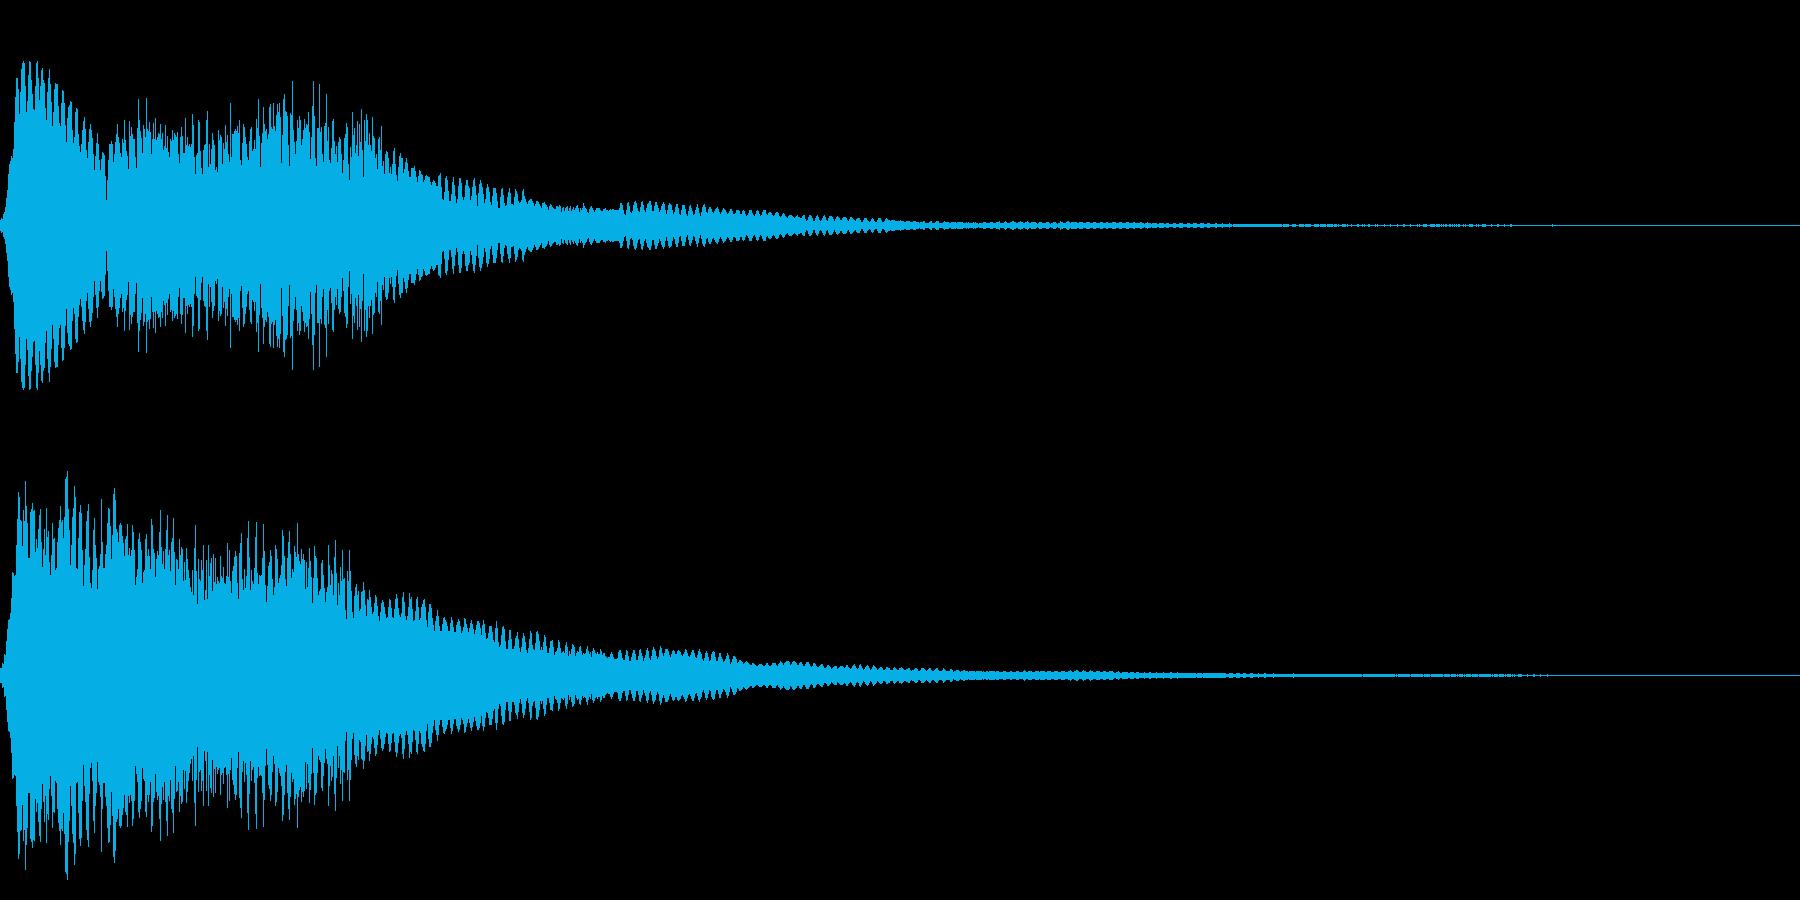 効果音 ビーム 宇宙の再生済みの波形